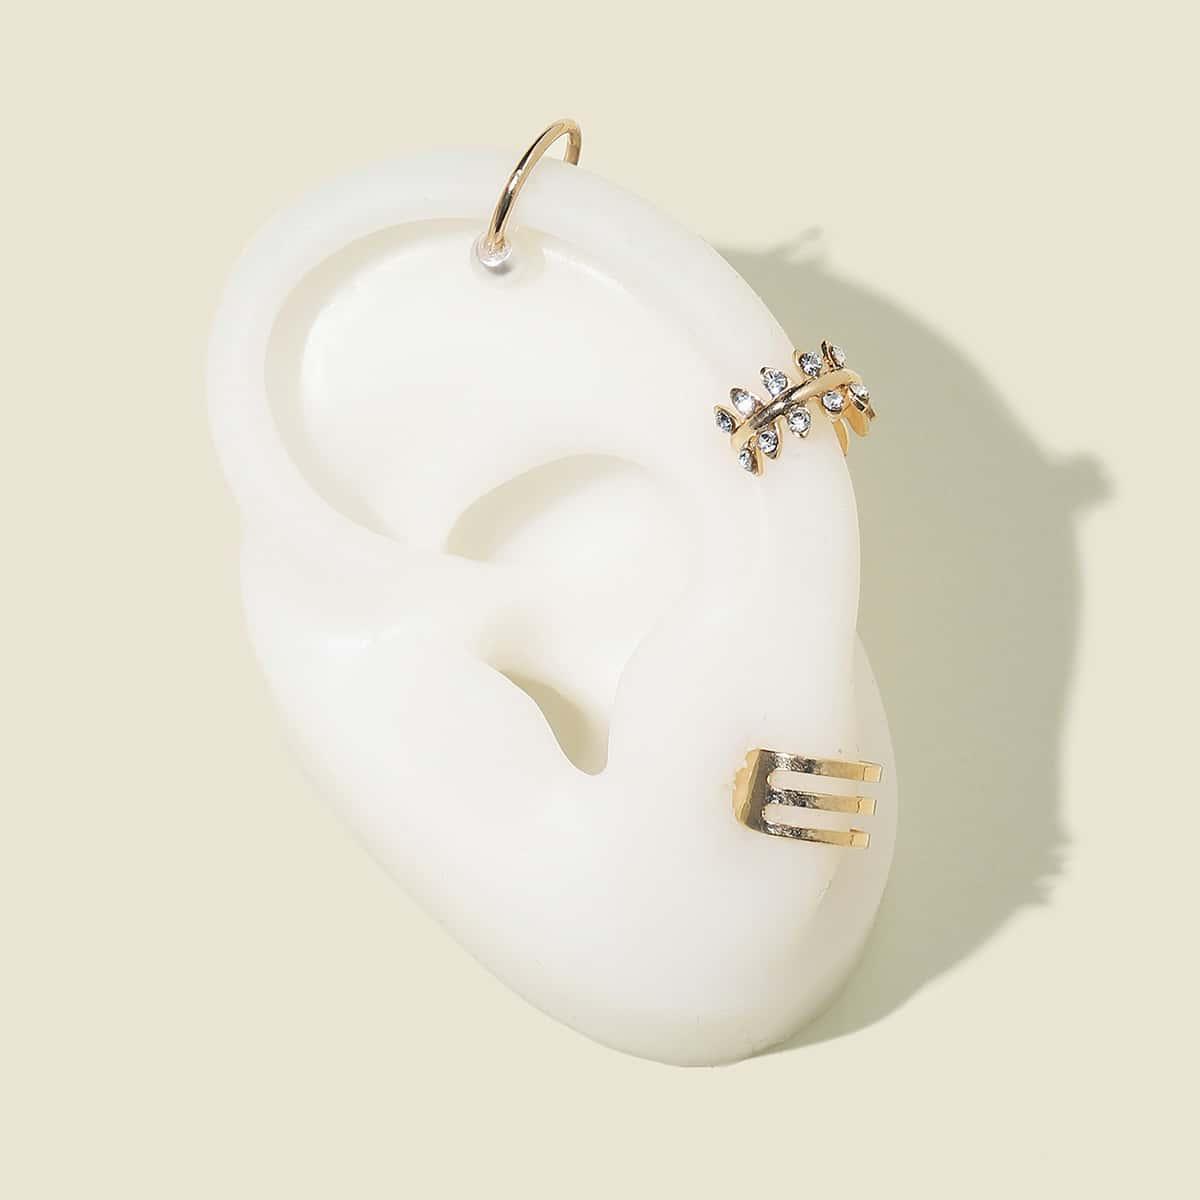 3шт серьги-каффы с искусственными жемчугами